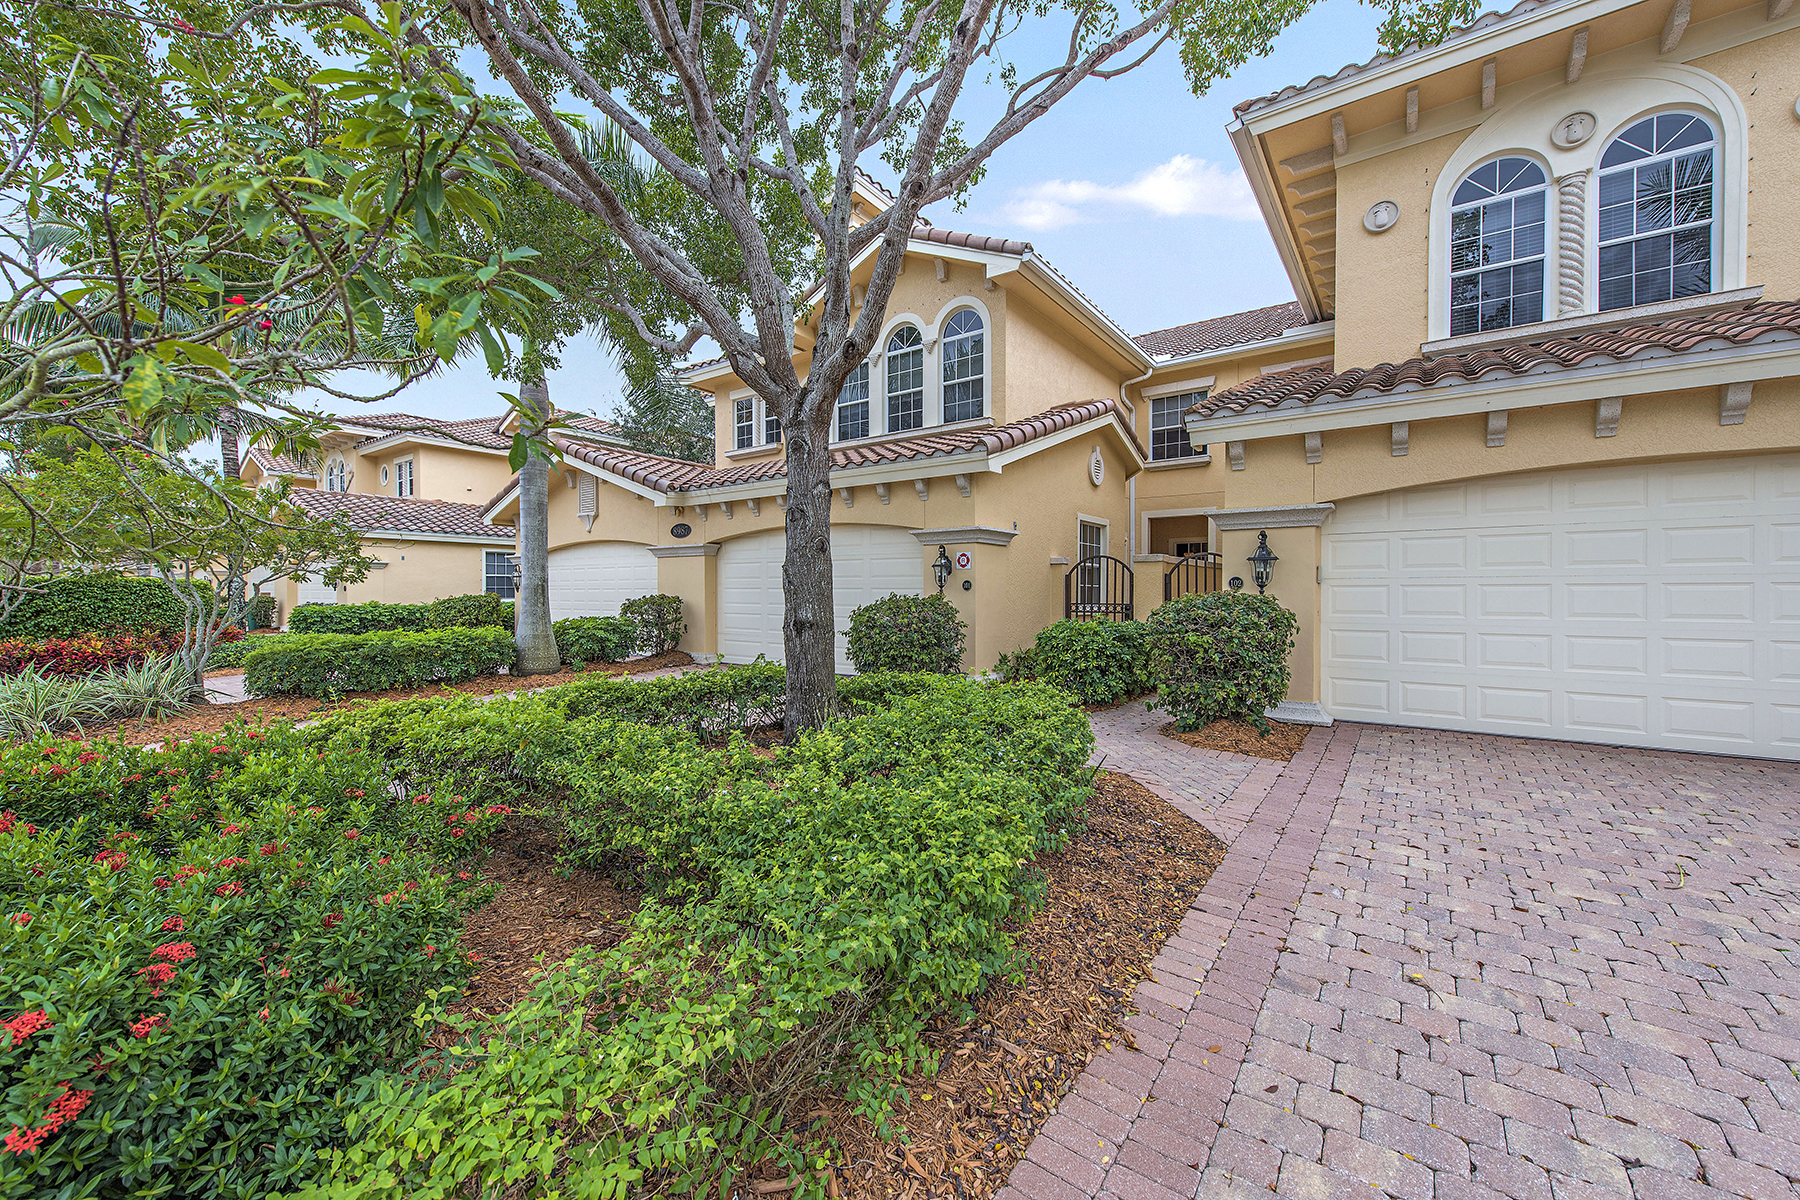 Appartement en copropriété pour l Vente à FIDDLER'S CREEK - CHERRY OAKS 8987 Cherry Oaks Trl 101 Naples, Florida, 34114 États-Unis